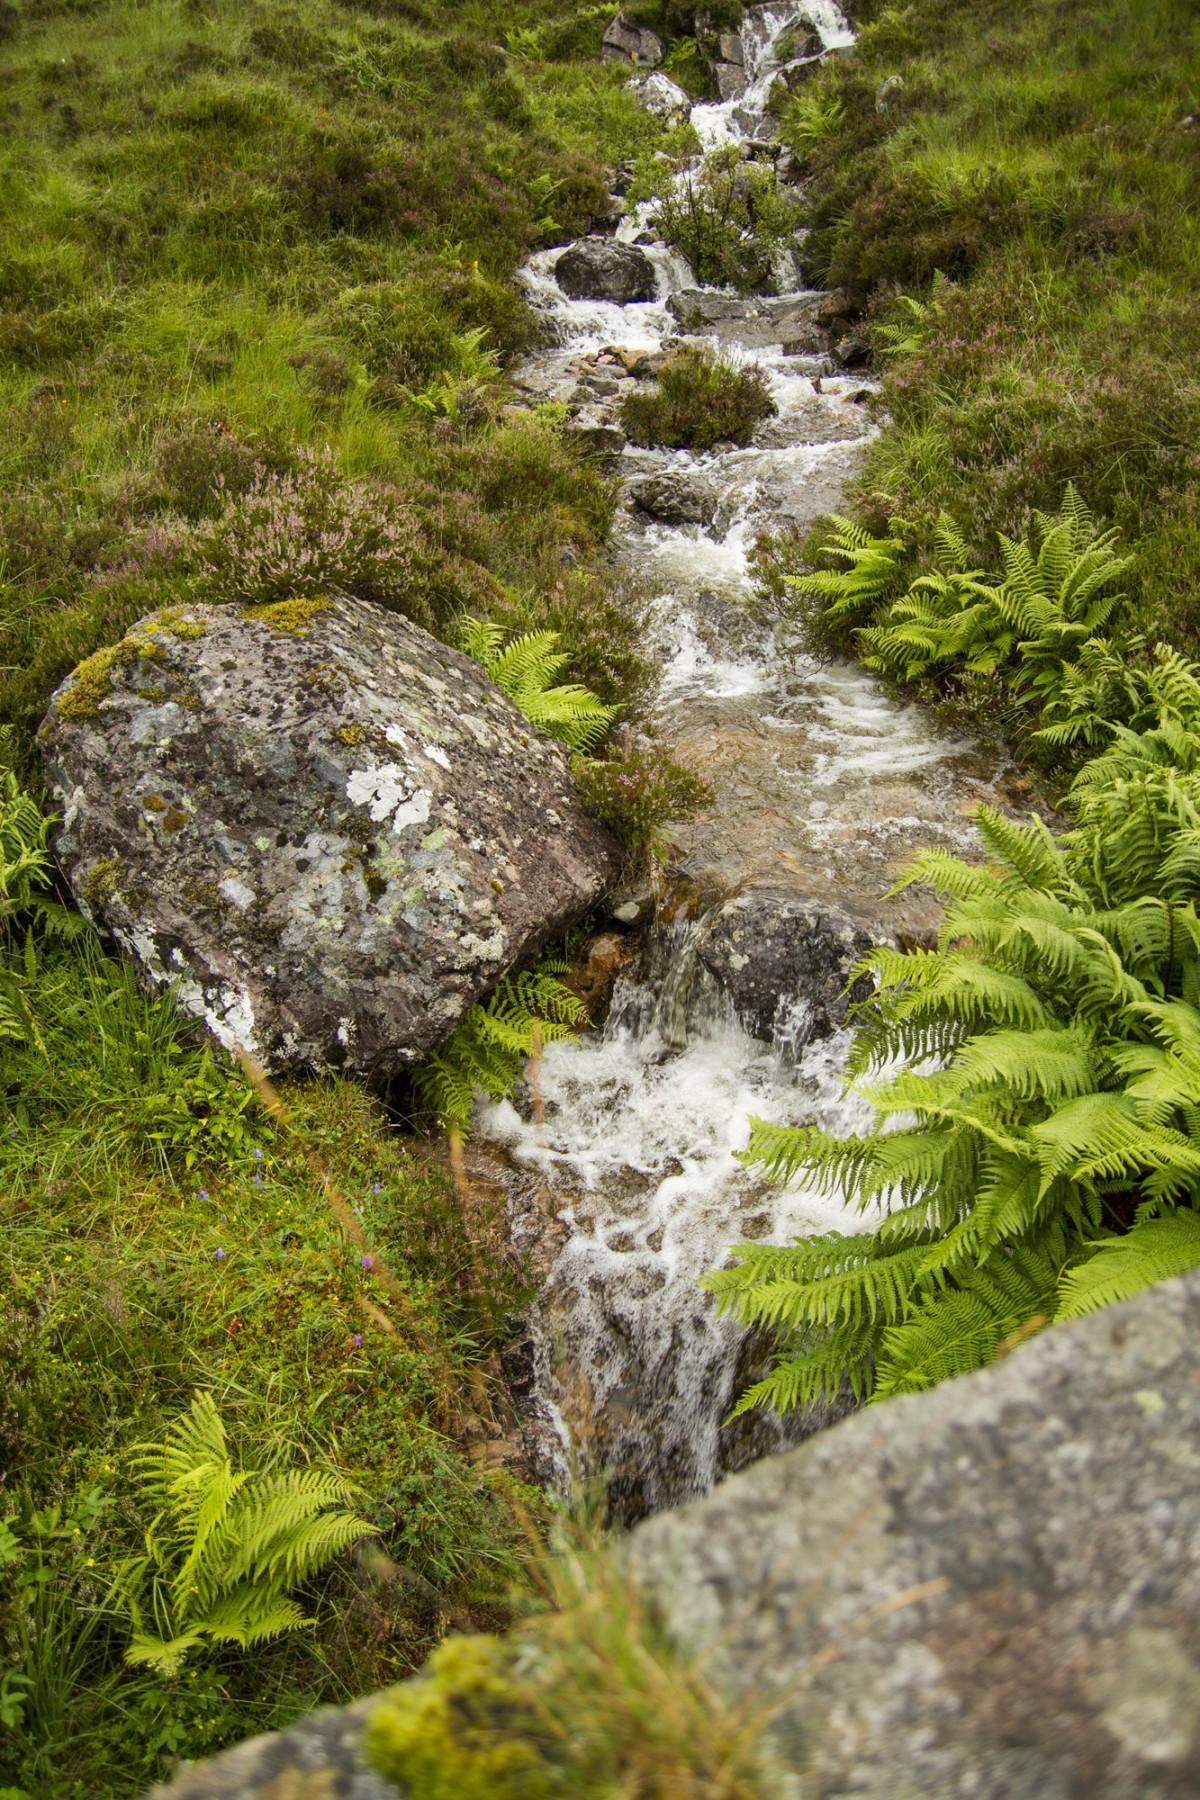 Gratis afbeeldingen boom water gras vloeistof wiel bloem glas beweging groen stroom - Muur steen duidelijk ...